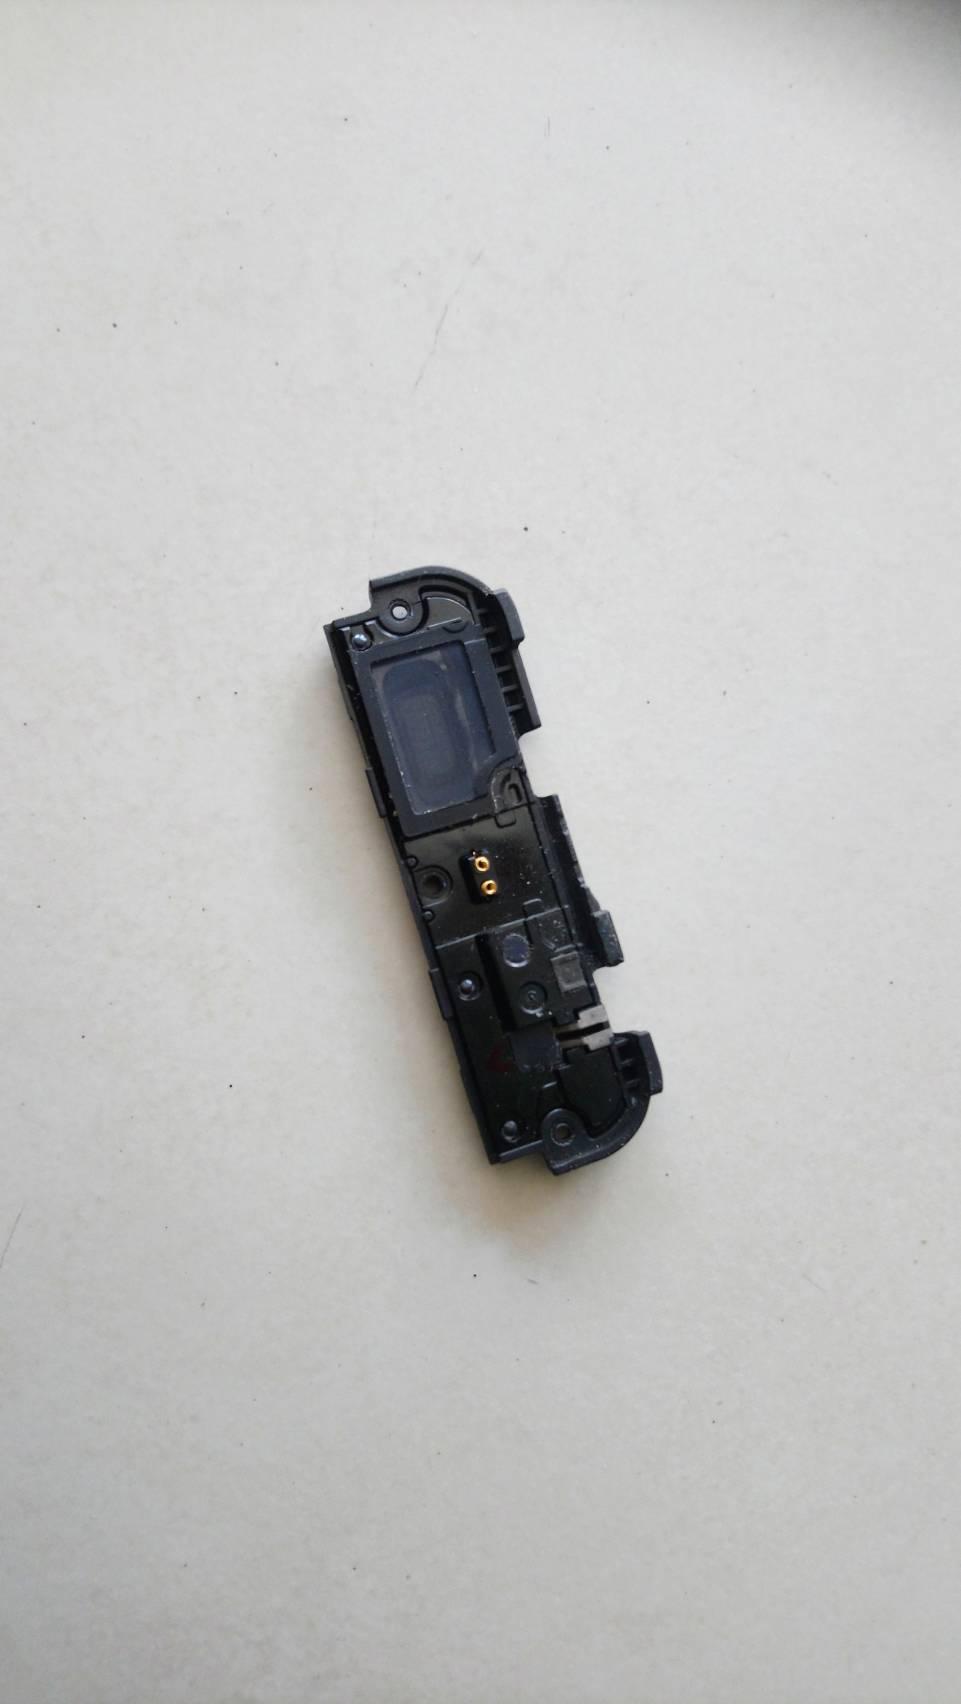 ลำโพงหลัง LG Optimus 2X P990 มือสอง